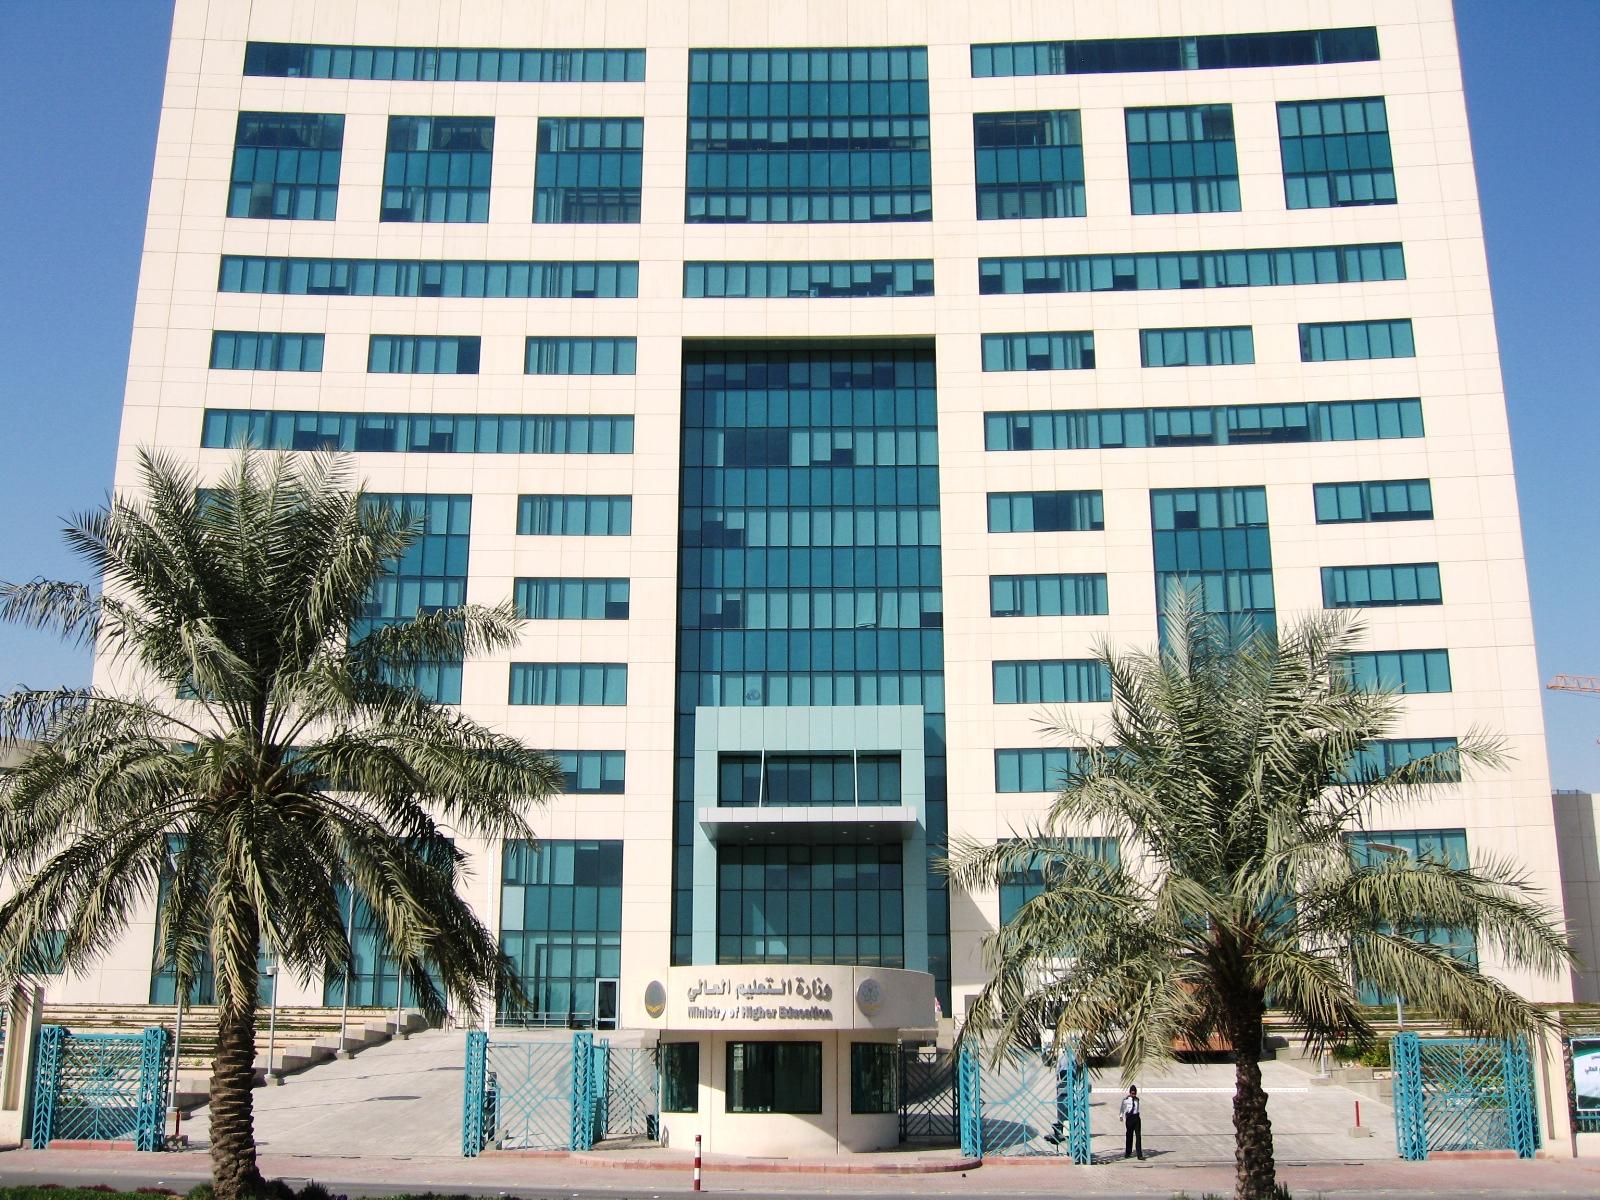 العاهل السعودي يوجه بقبول 3000 طالب سوري في الجامعات السعودية